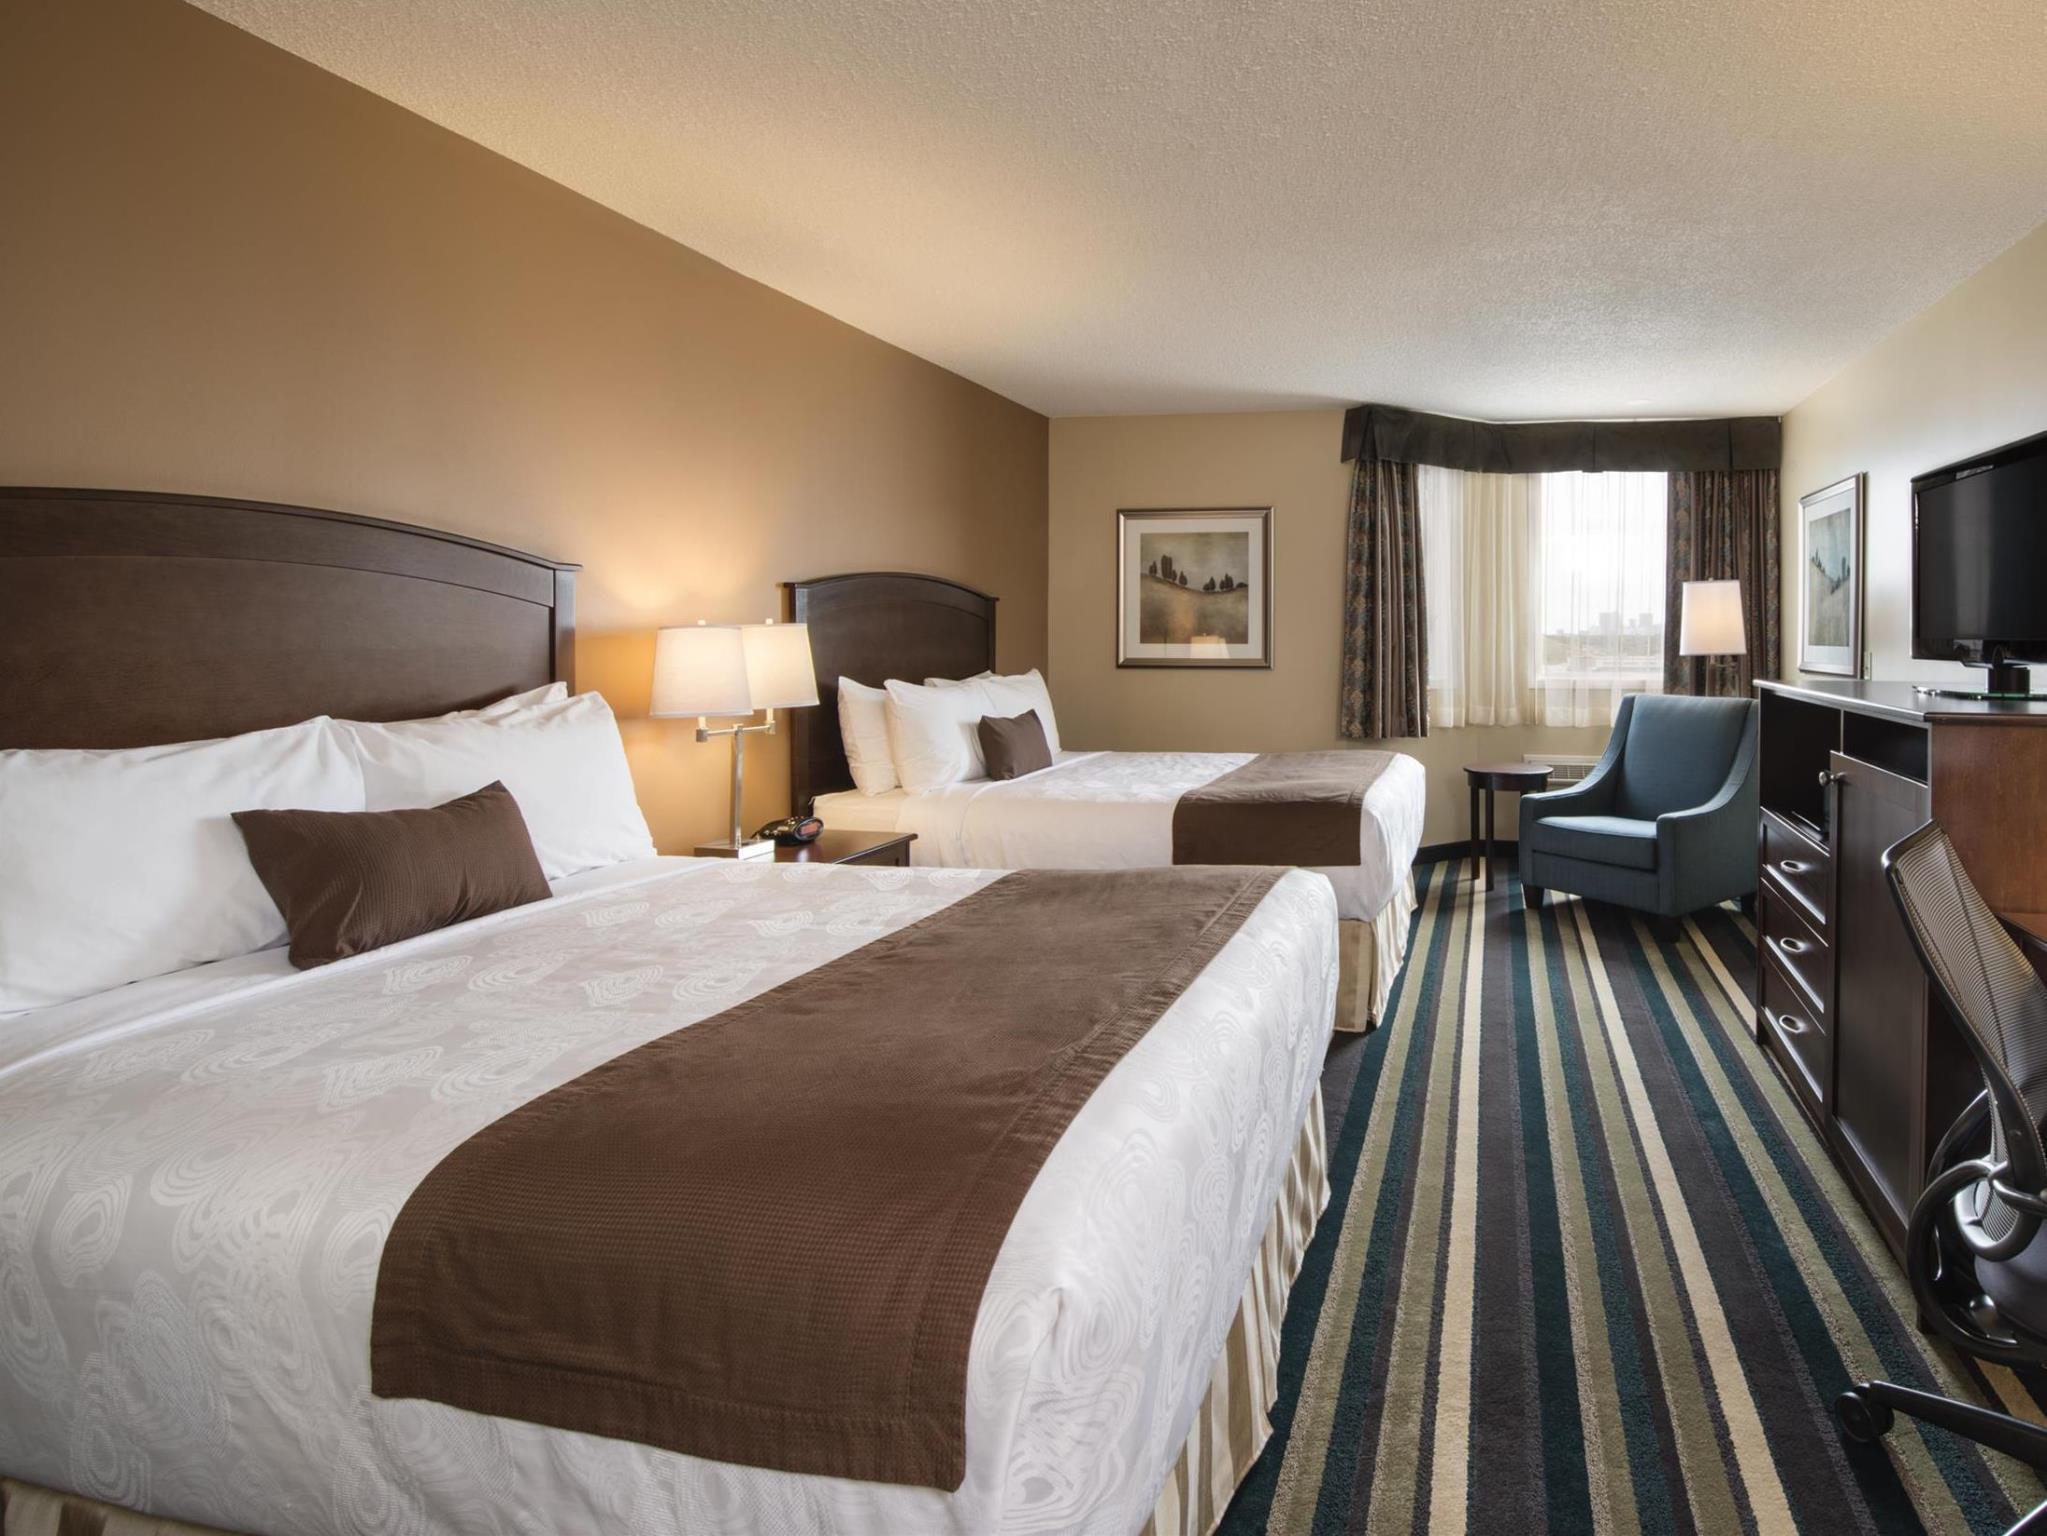 Best Western Plus Winnipeg Airport Hotel, Division No. 11